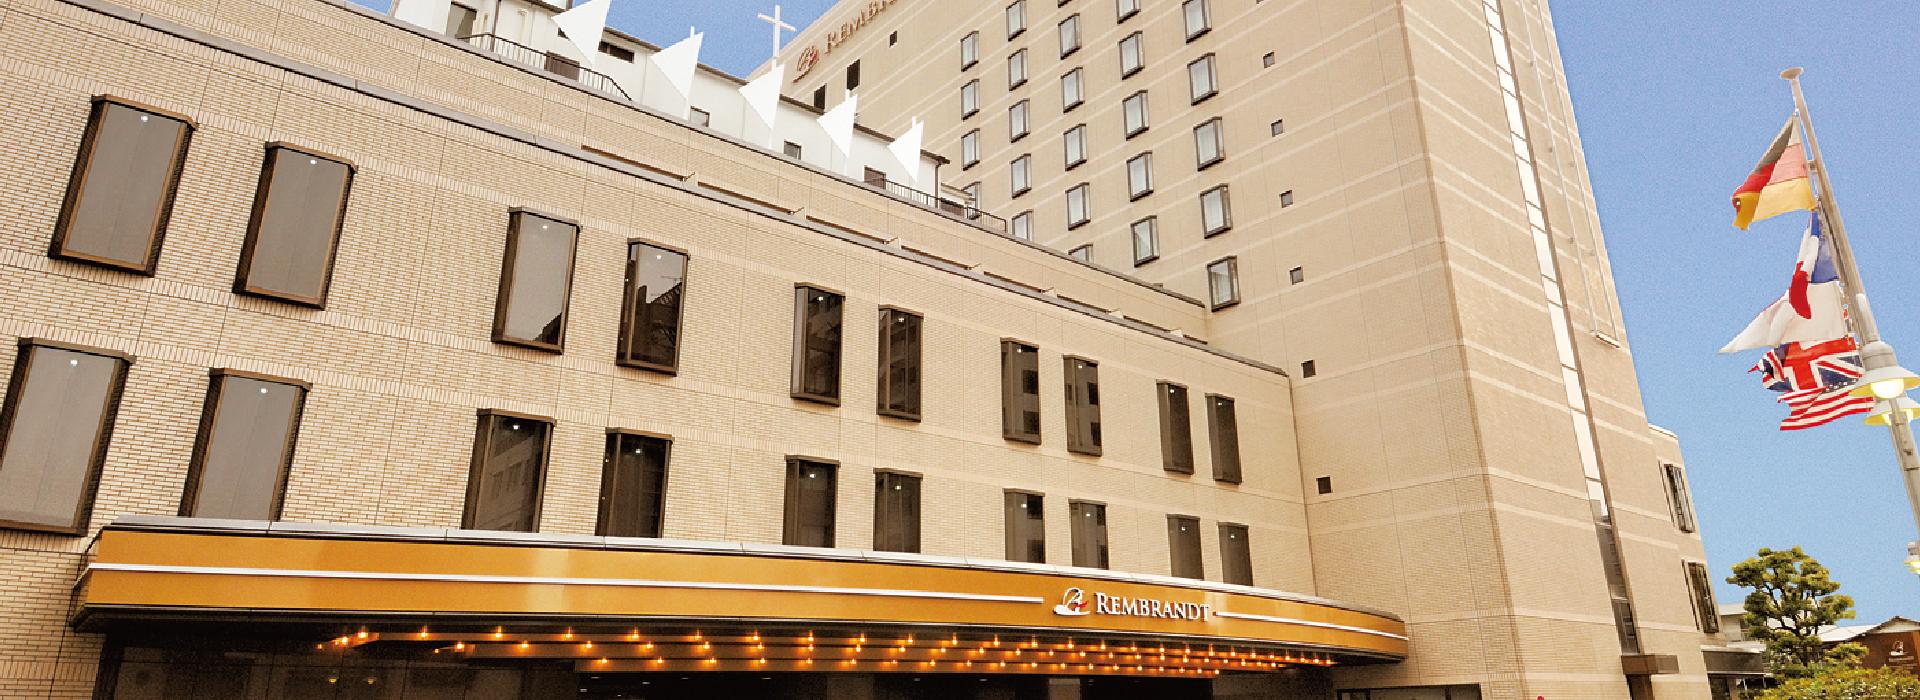 ご利用の流れ|レンブラントホテル厚木【公式】レンブラントグループホテル